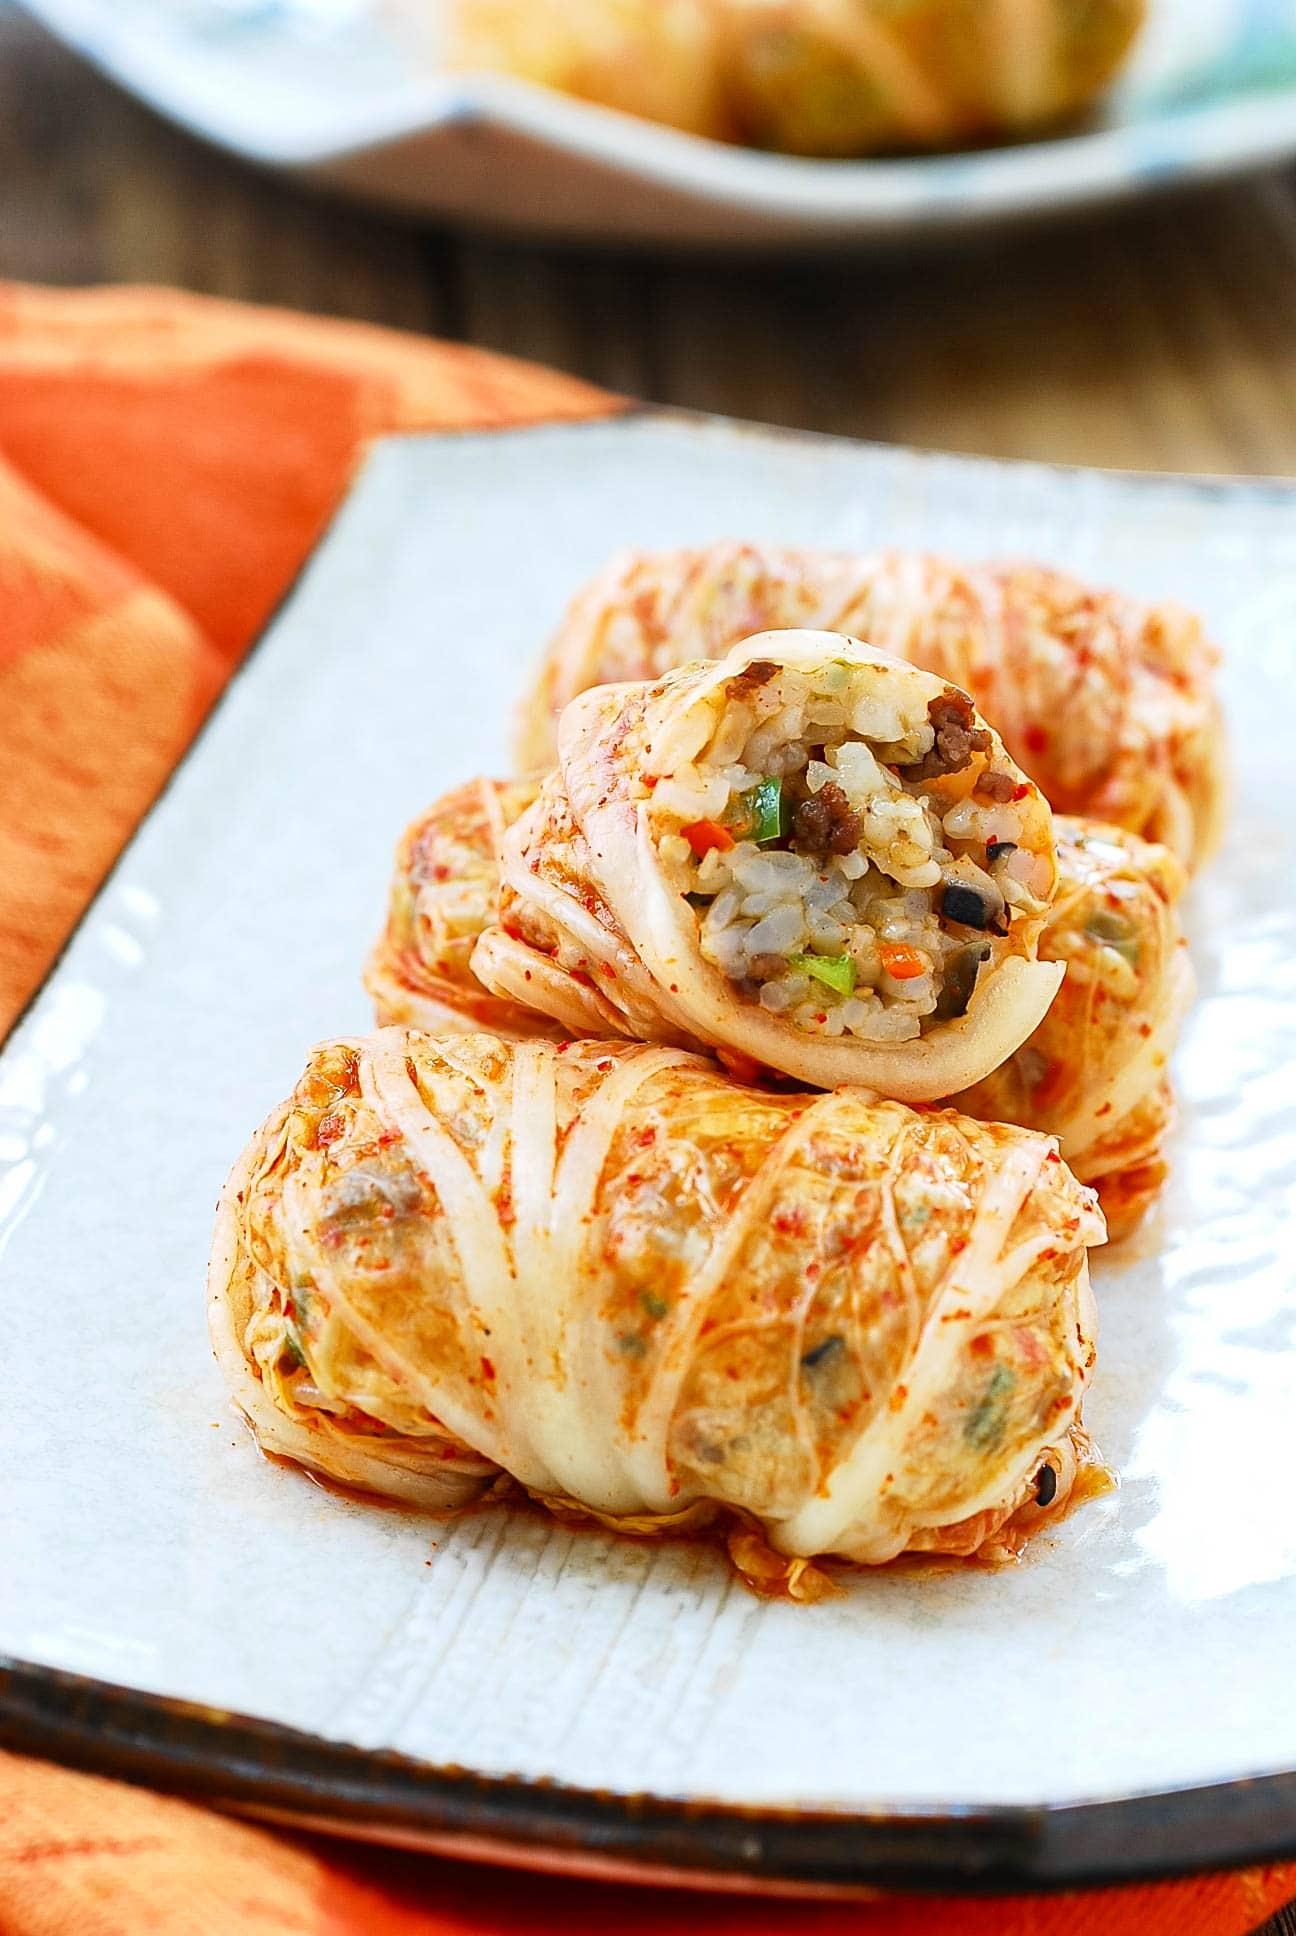 DSC 0098 1 - Kimchi Ssambap (Rice Rolls)